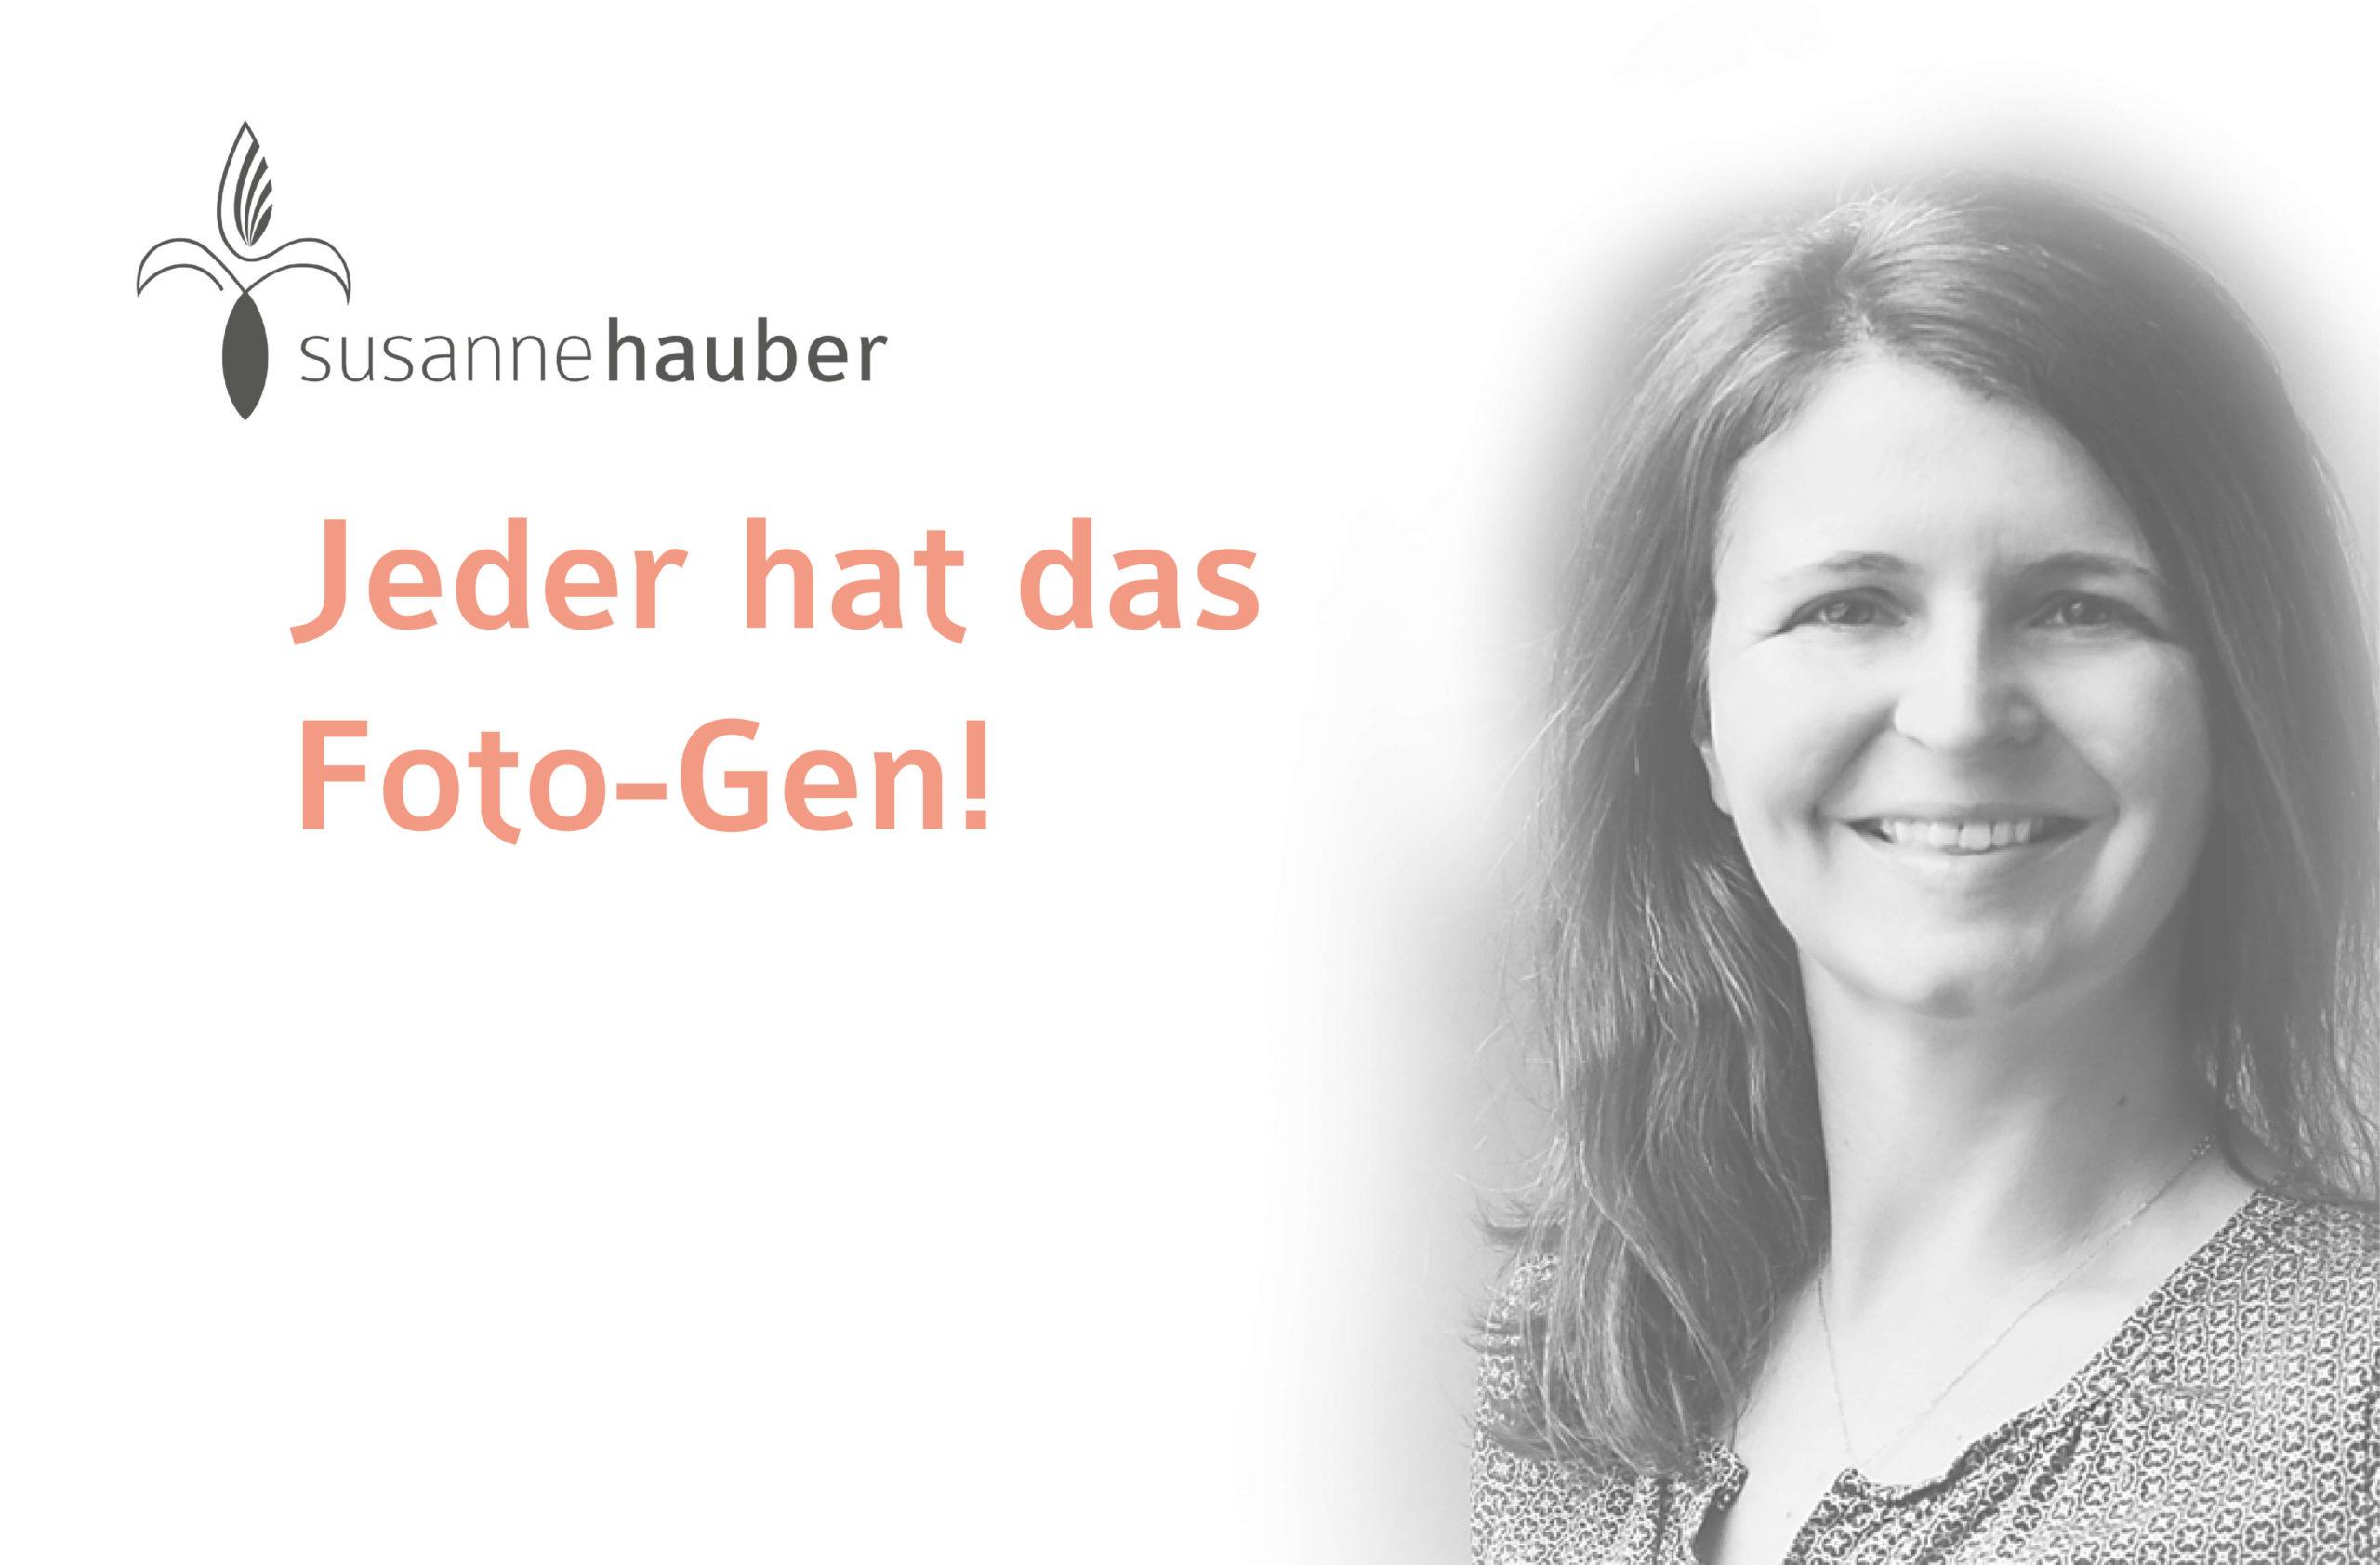 Susanne Hauber – jeder hat das Foto-Gen!